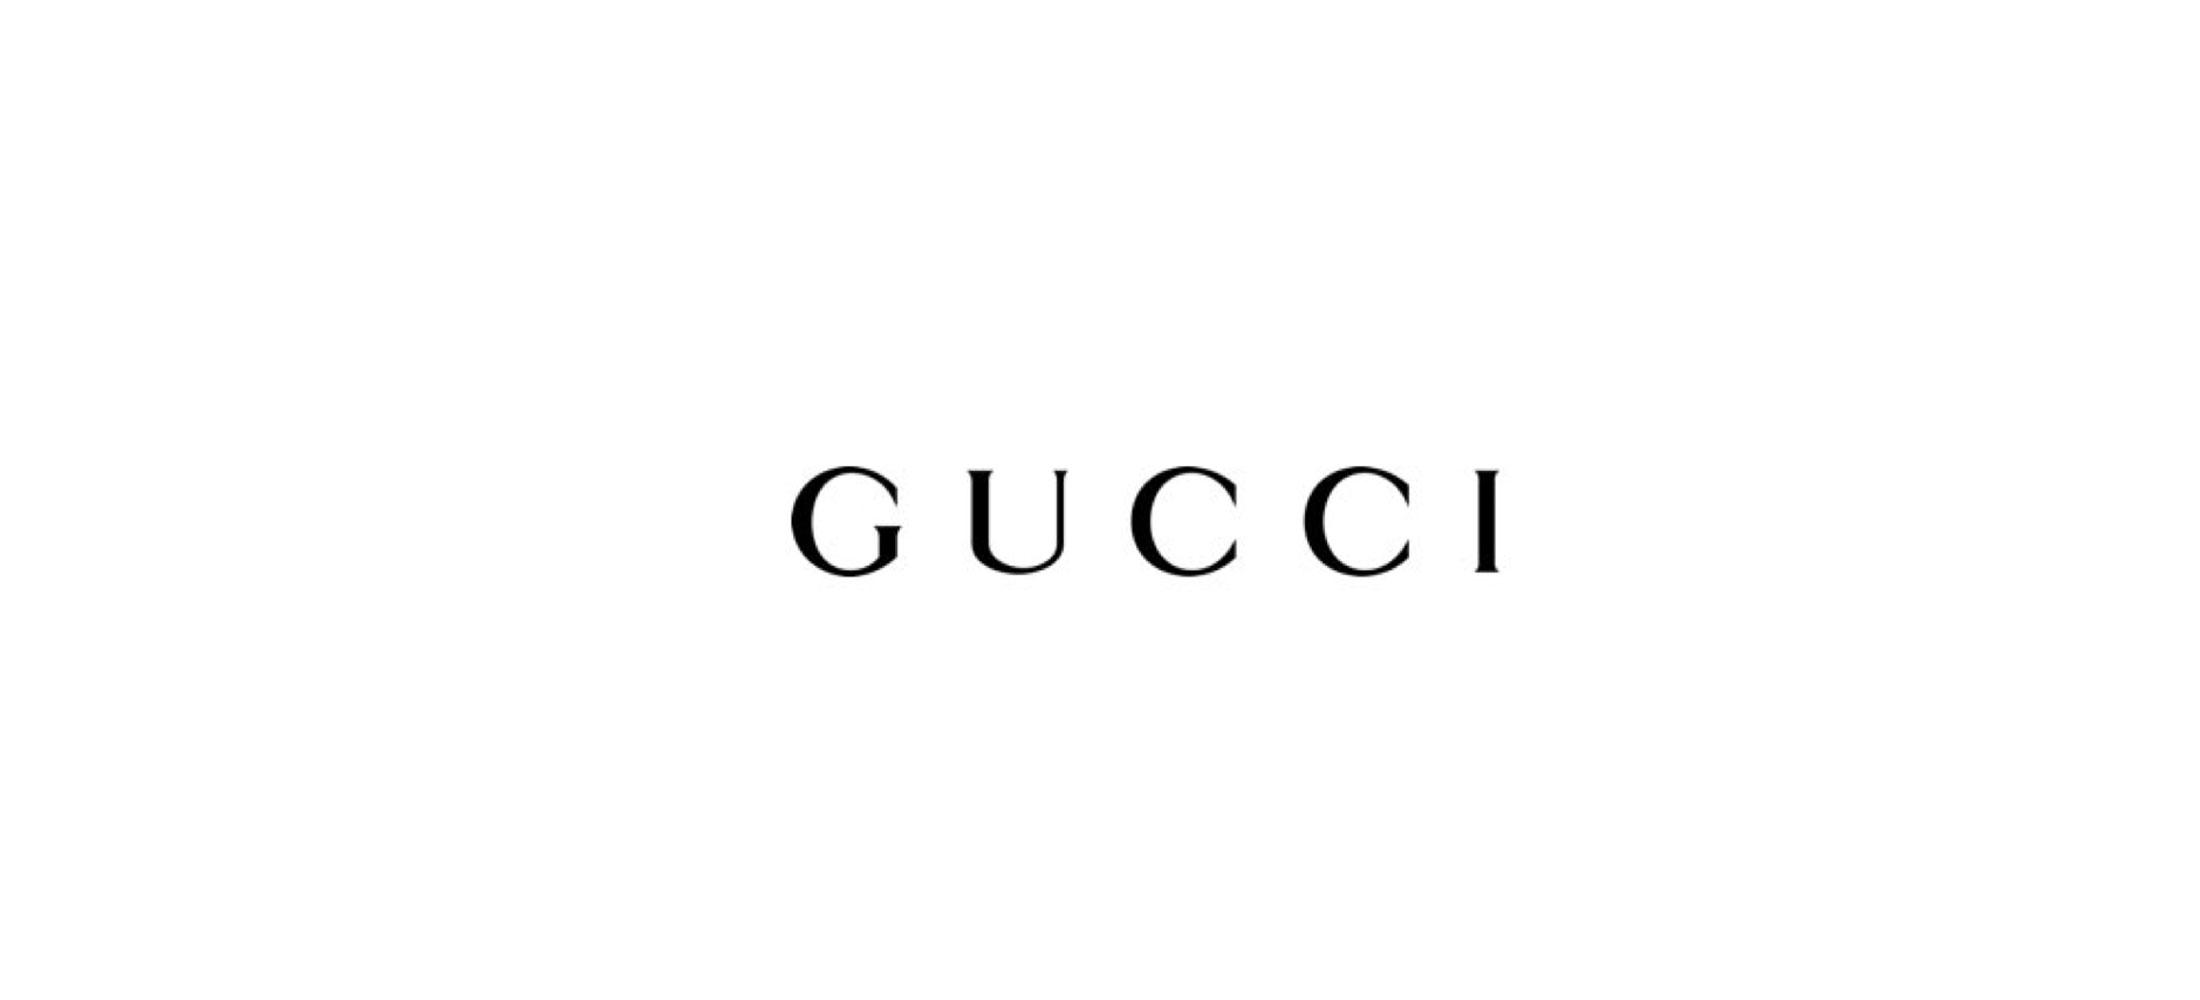 ec695e1b459 Florentia Village Outlet Mall Official Website   Shanghai Outlet Discount  Shop   Authentic Luxury Brand Discount Shop